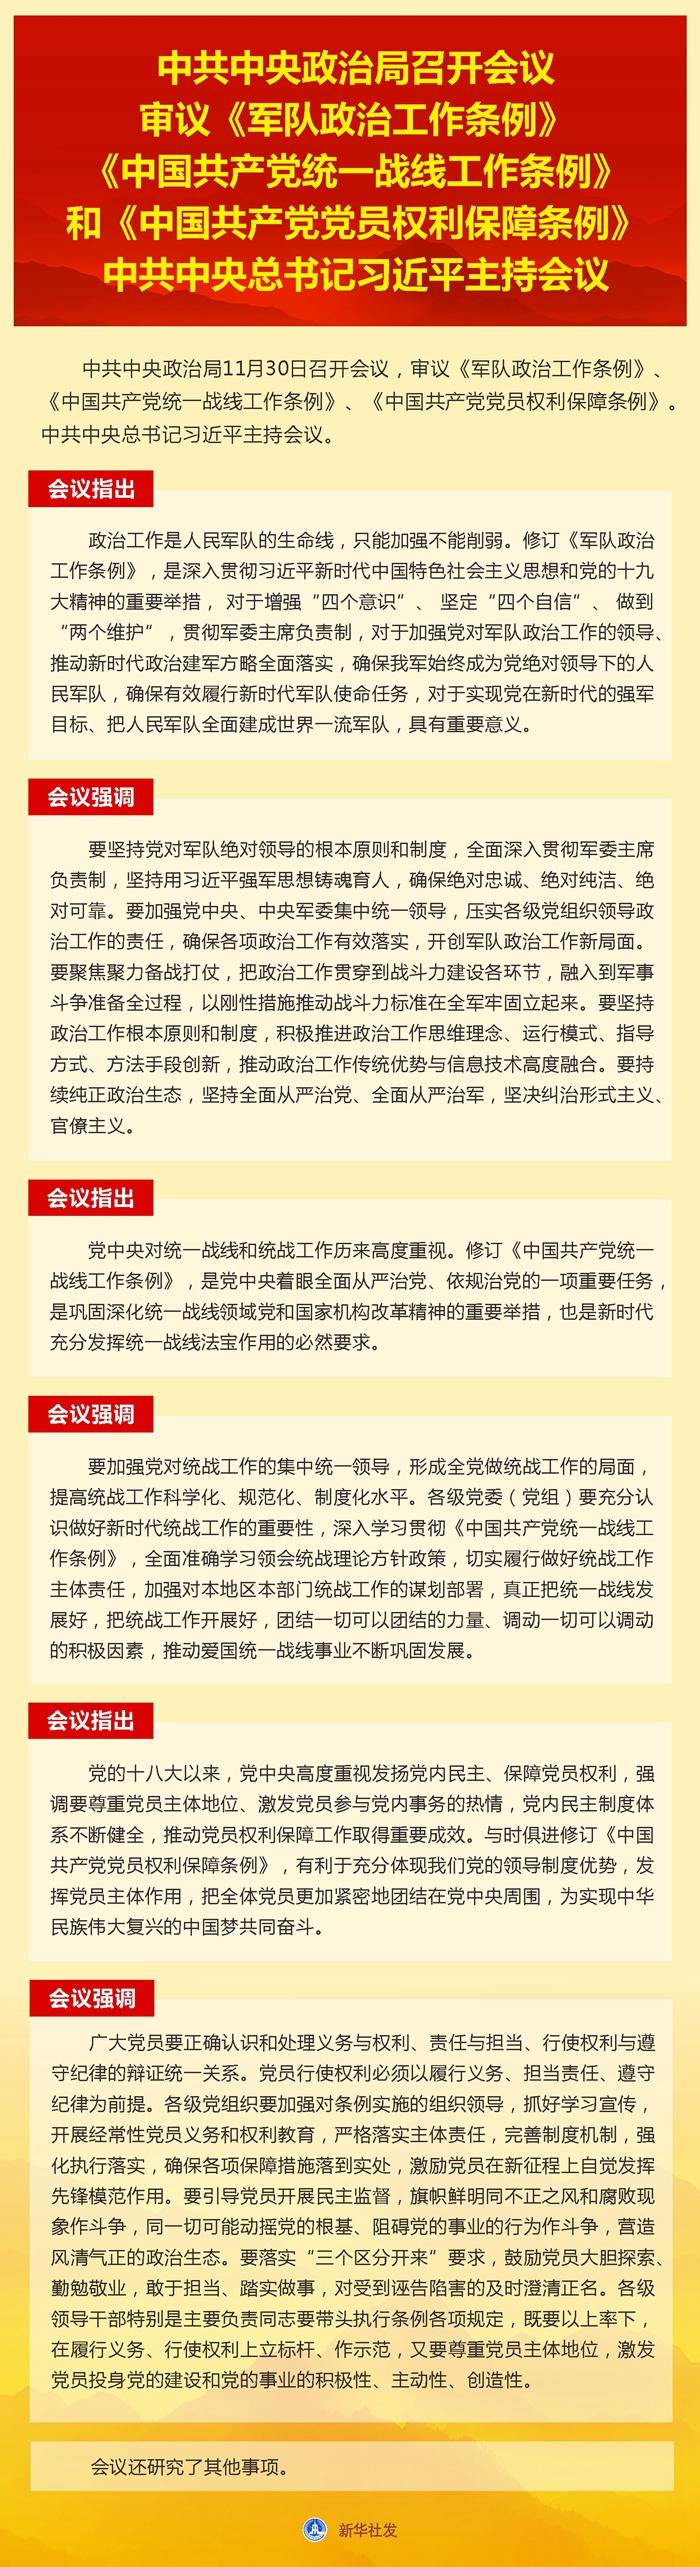 中共中央政治局召开会议 审议《军队政治工作条例》…